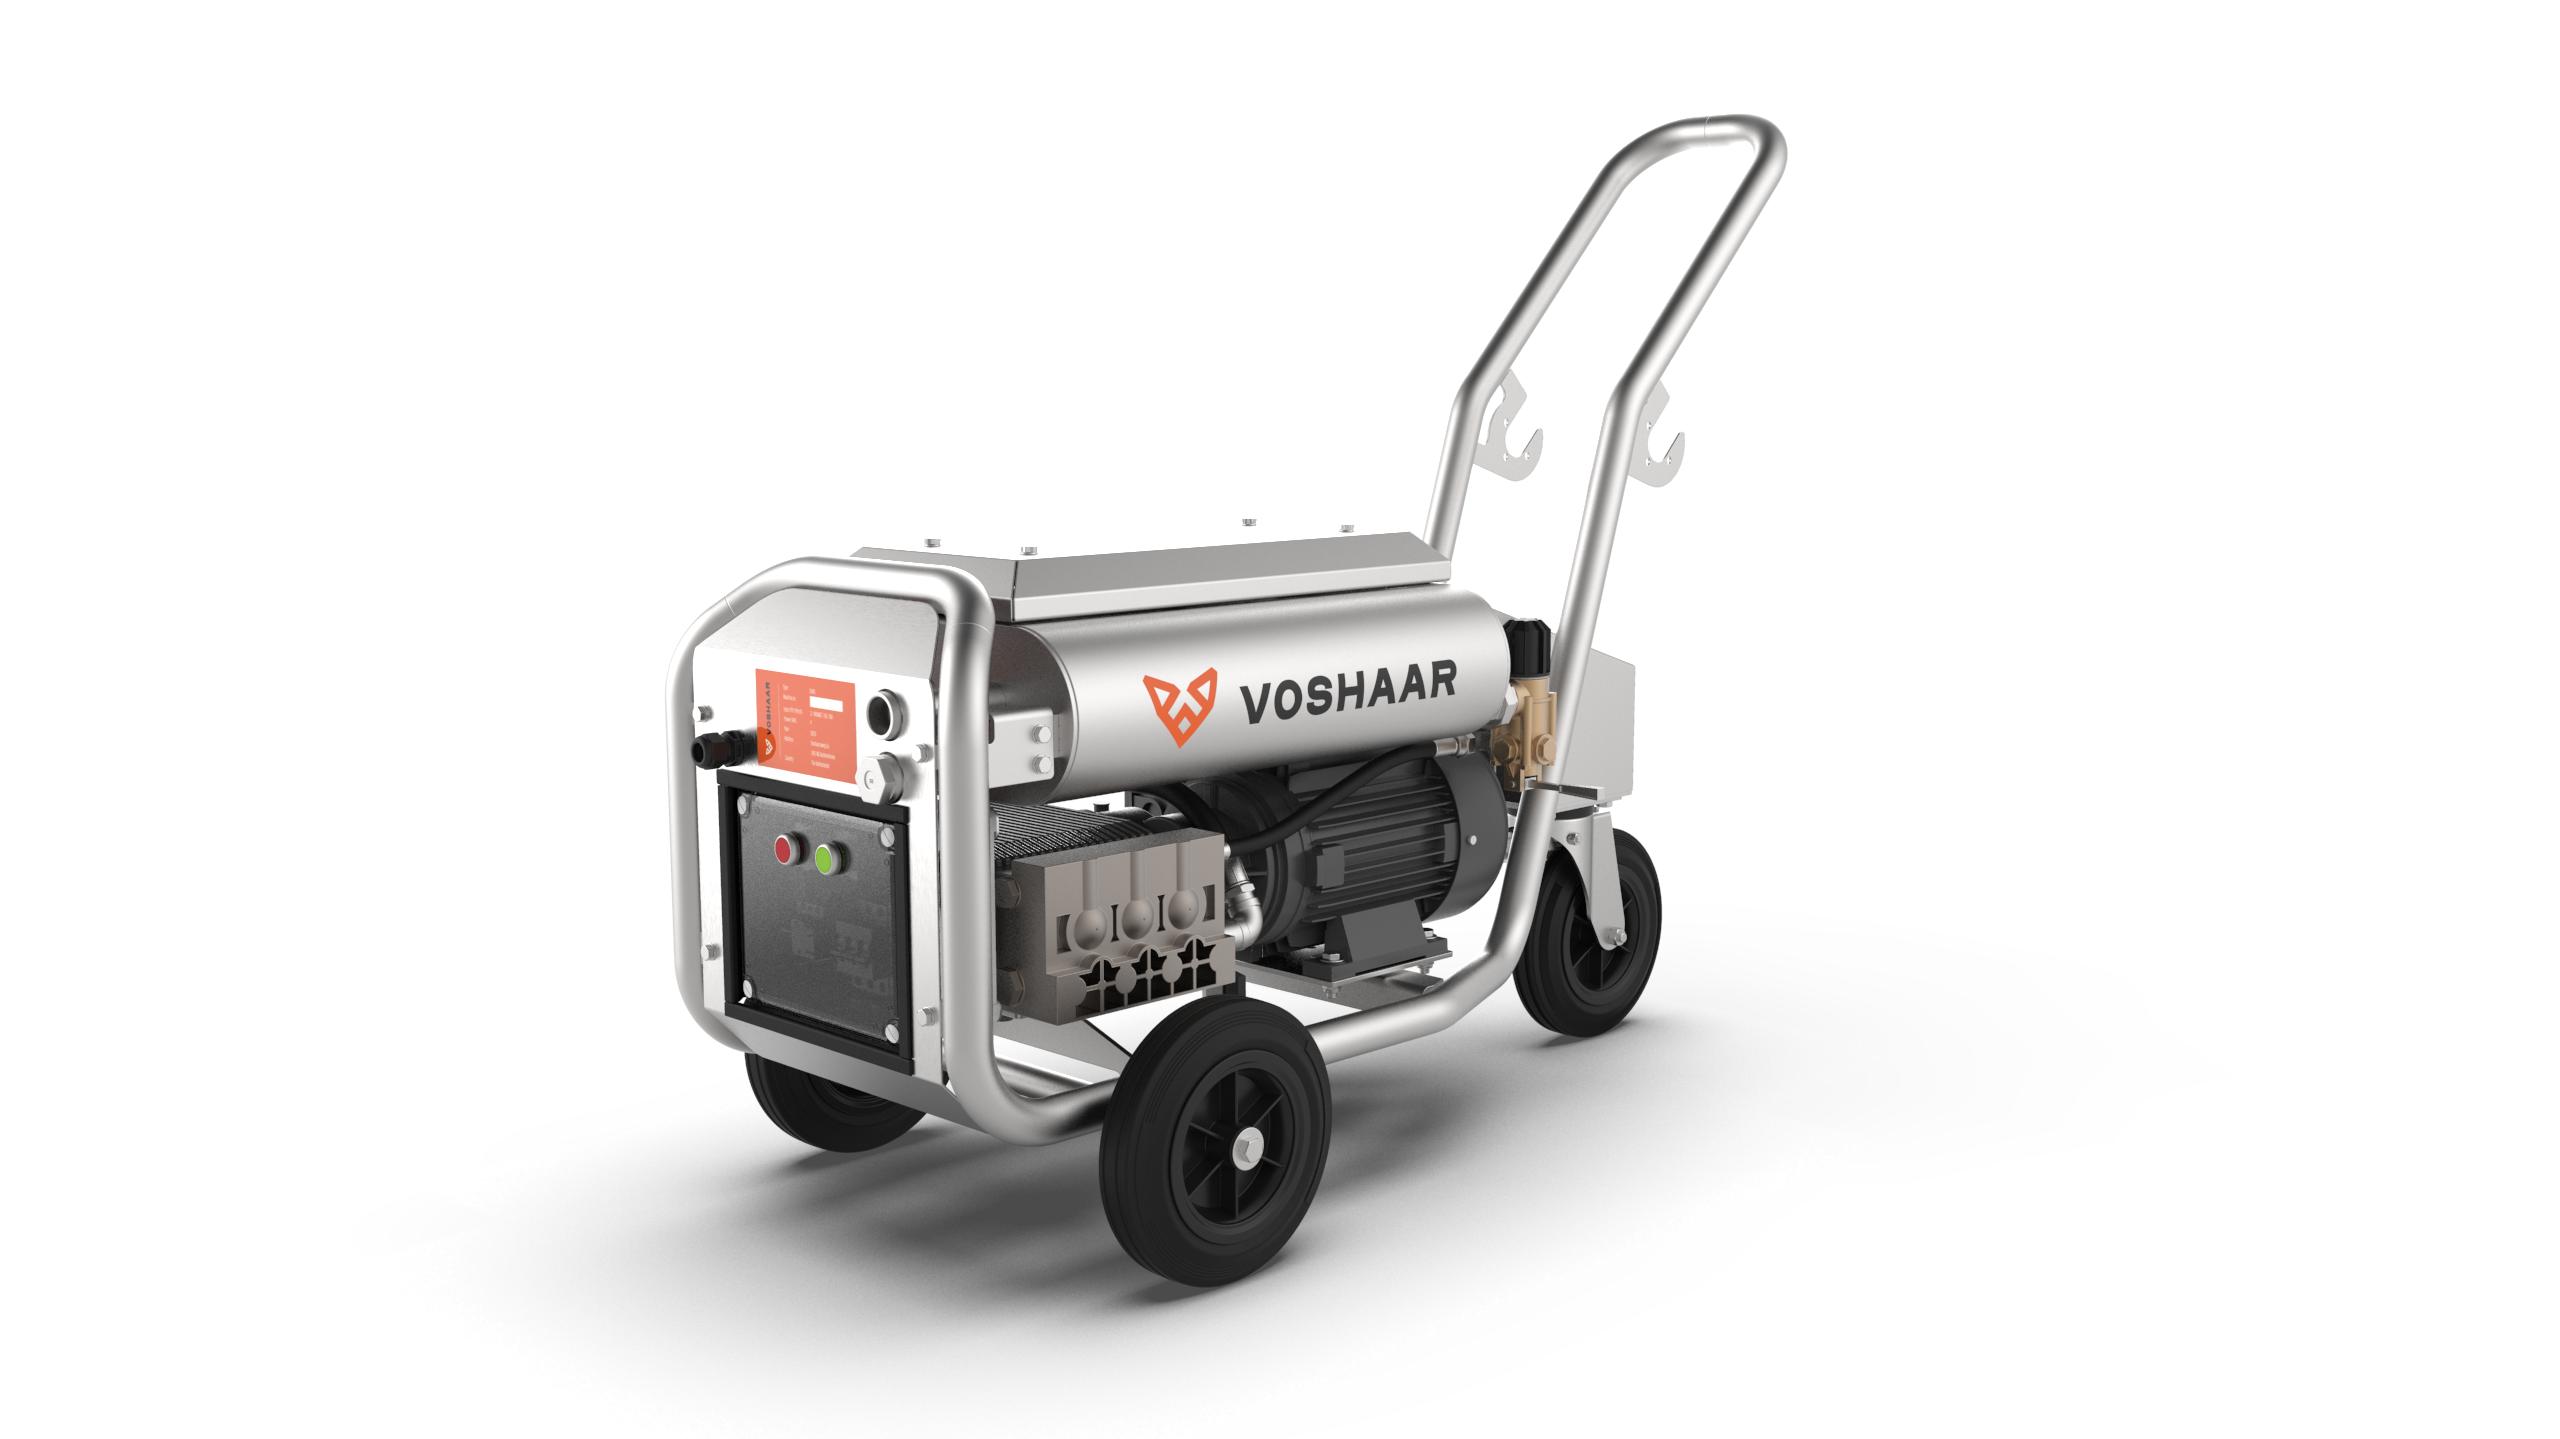 Voshaar 5040